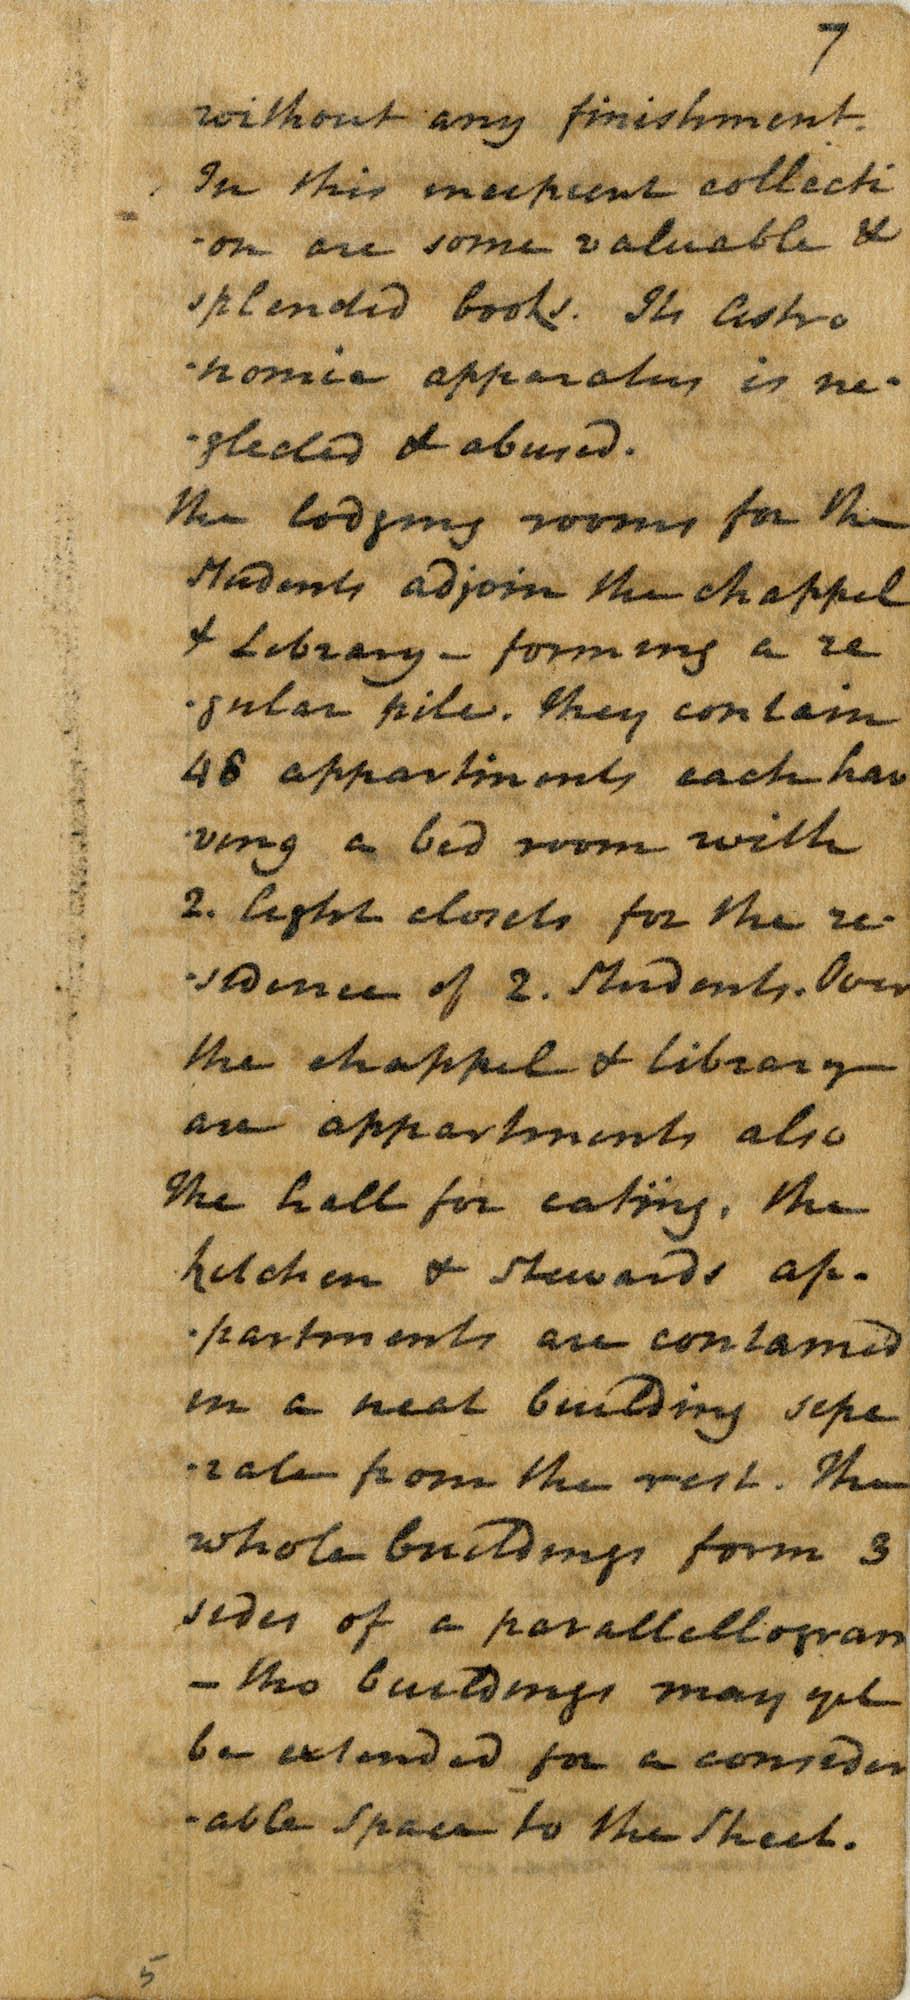 Diary of Charles Drayton, 1814 page 7